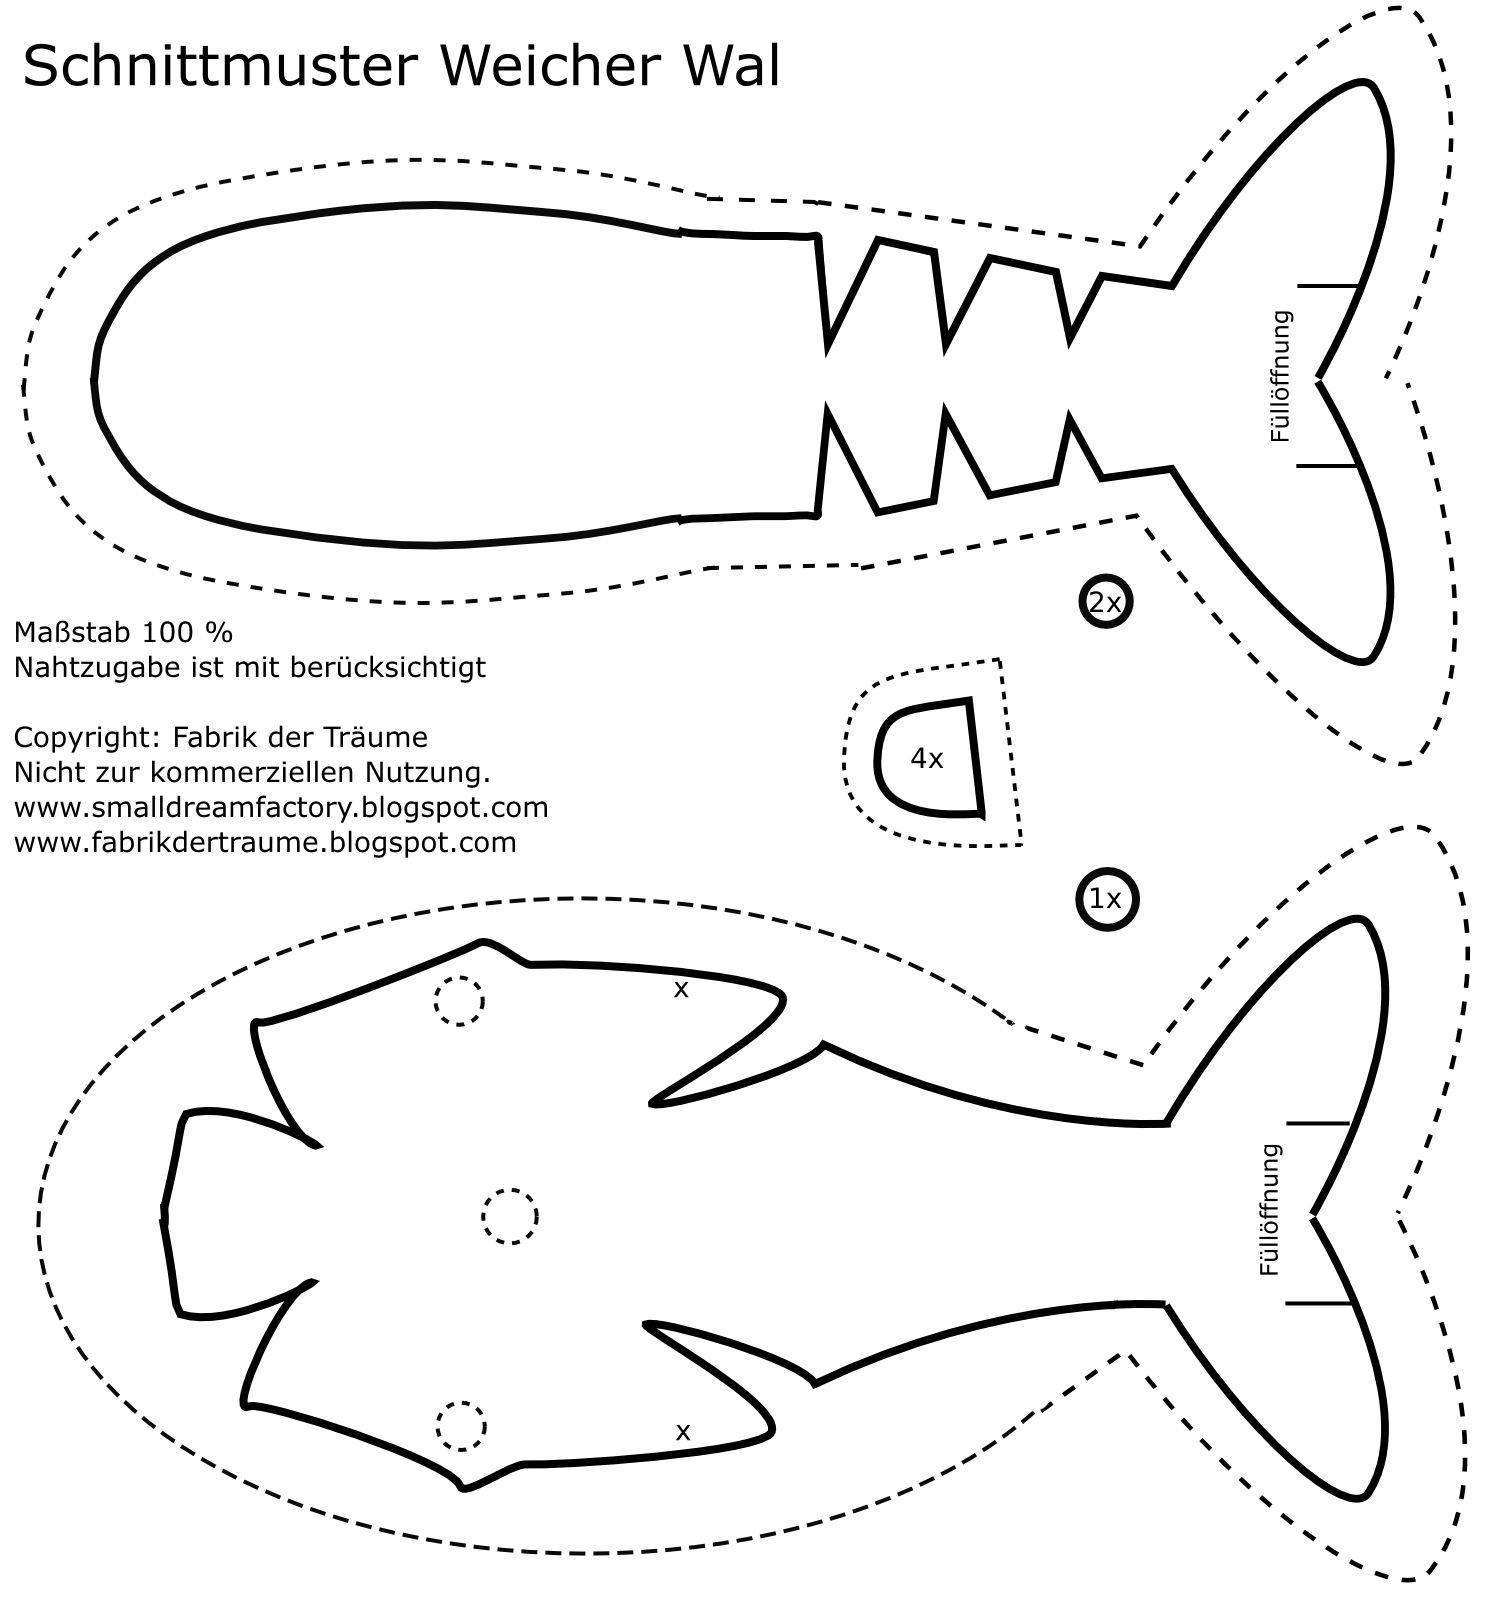 Kostenloses Schnittmuster für einen Wal | Nähen | Pinterest | Wal ...